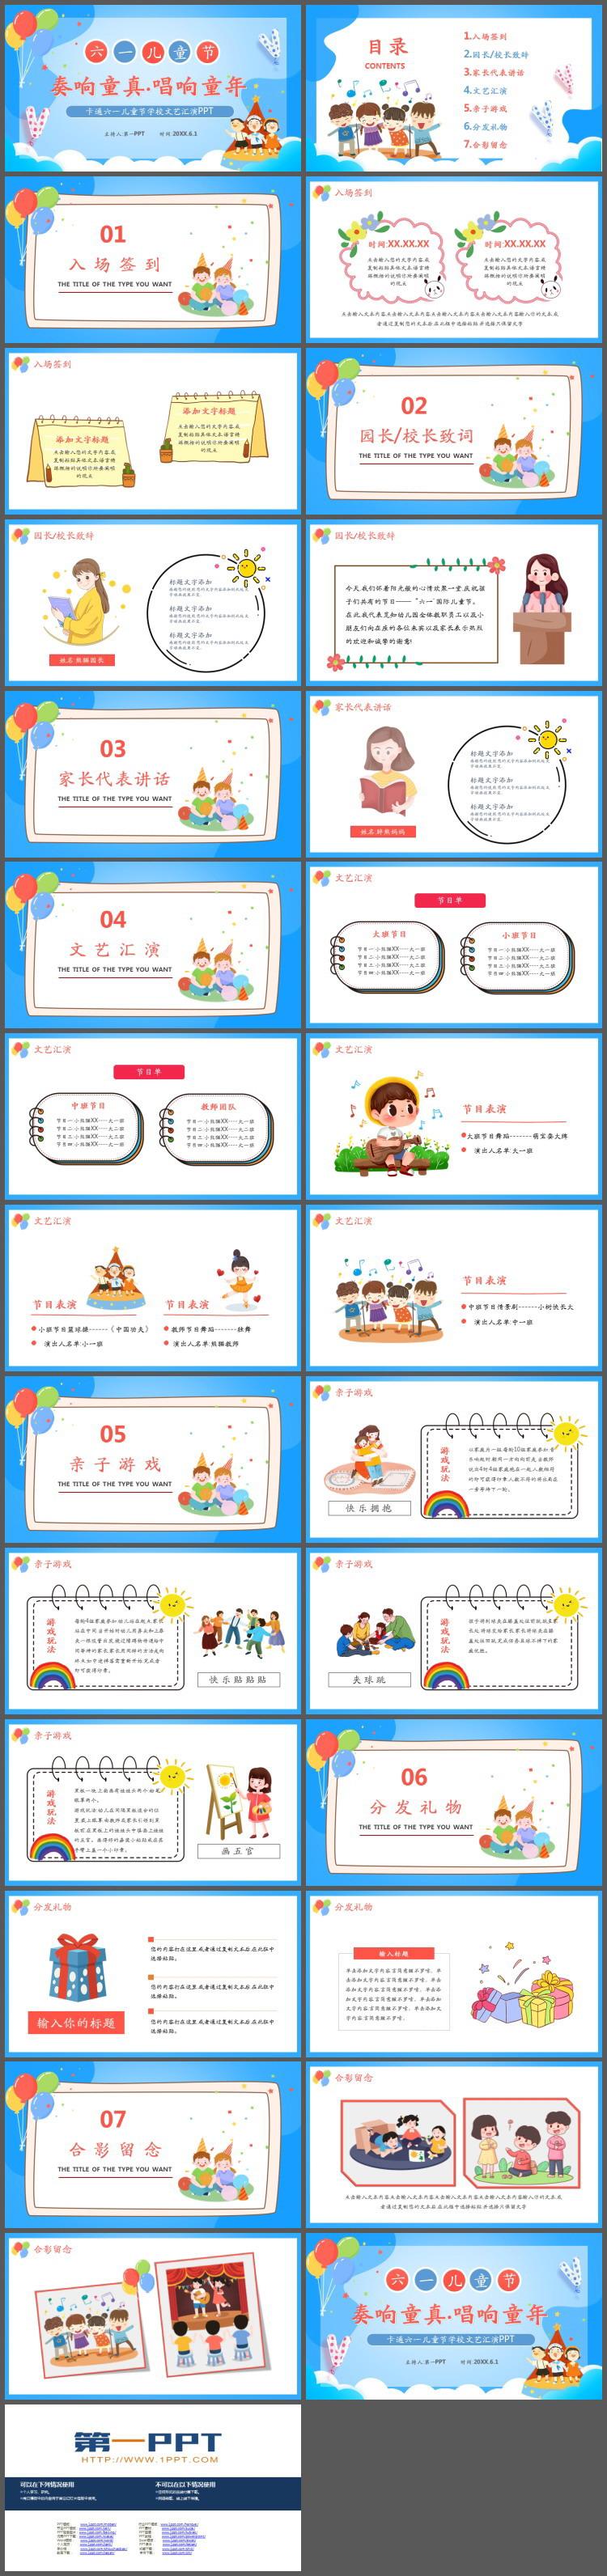 六一儿童节班级文艺汇演活动策划PPT模板